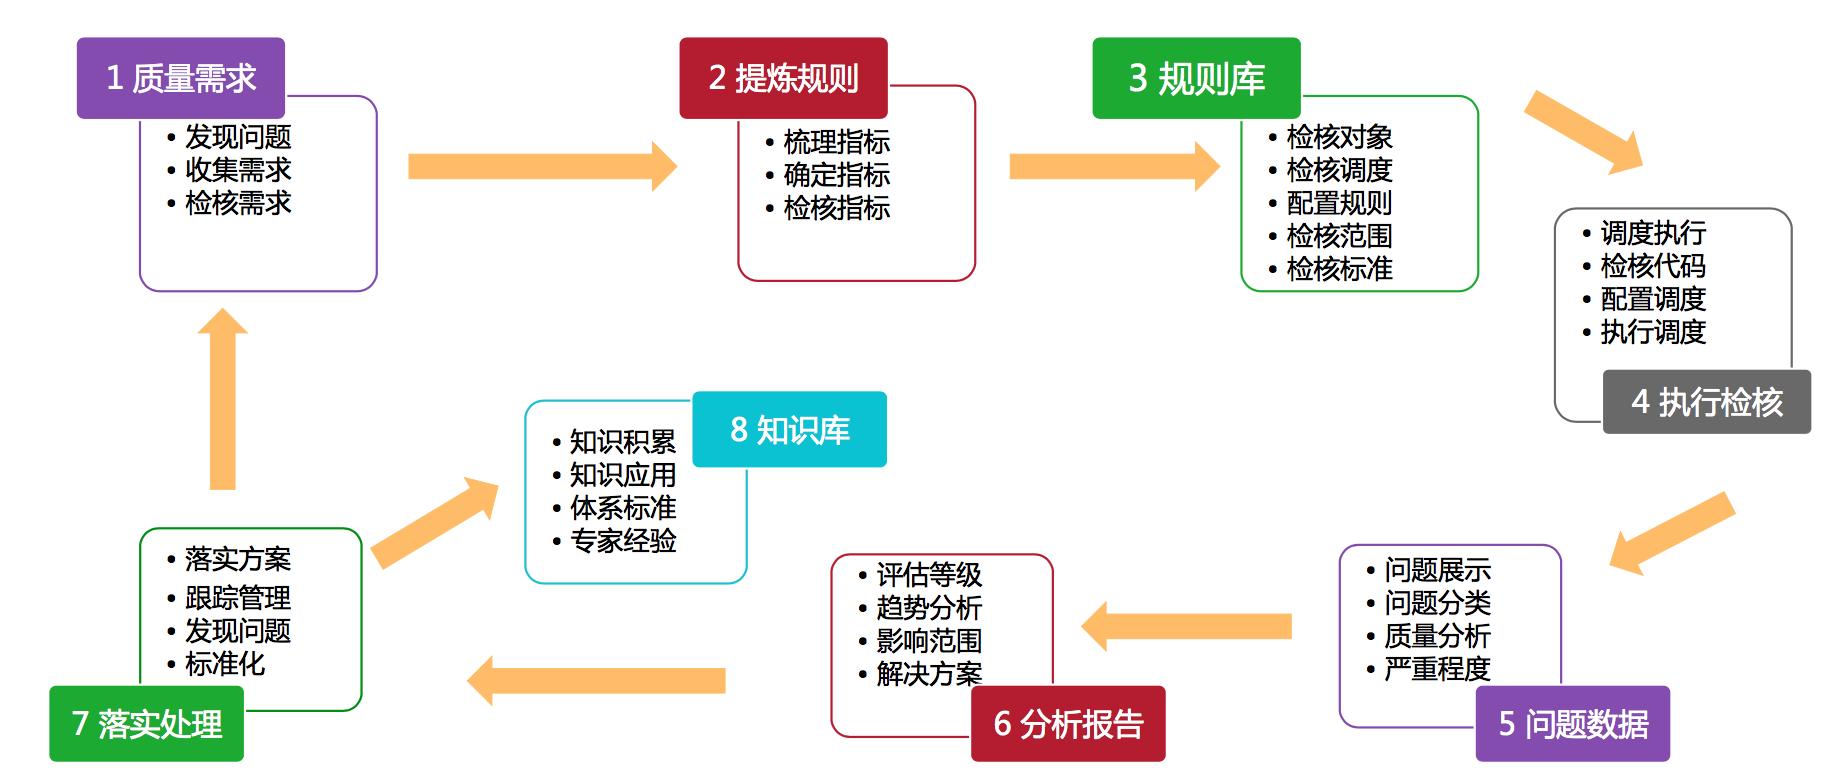 图2  数据质量PDCA流程图